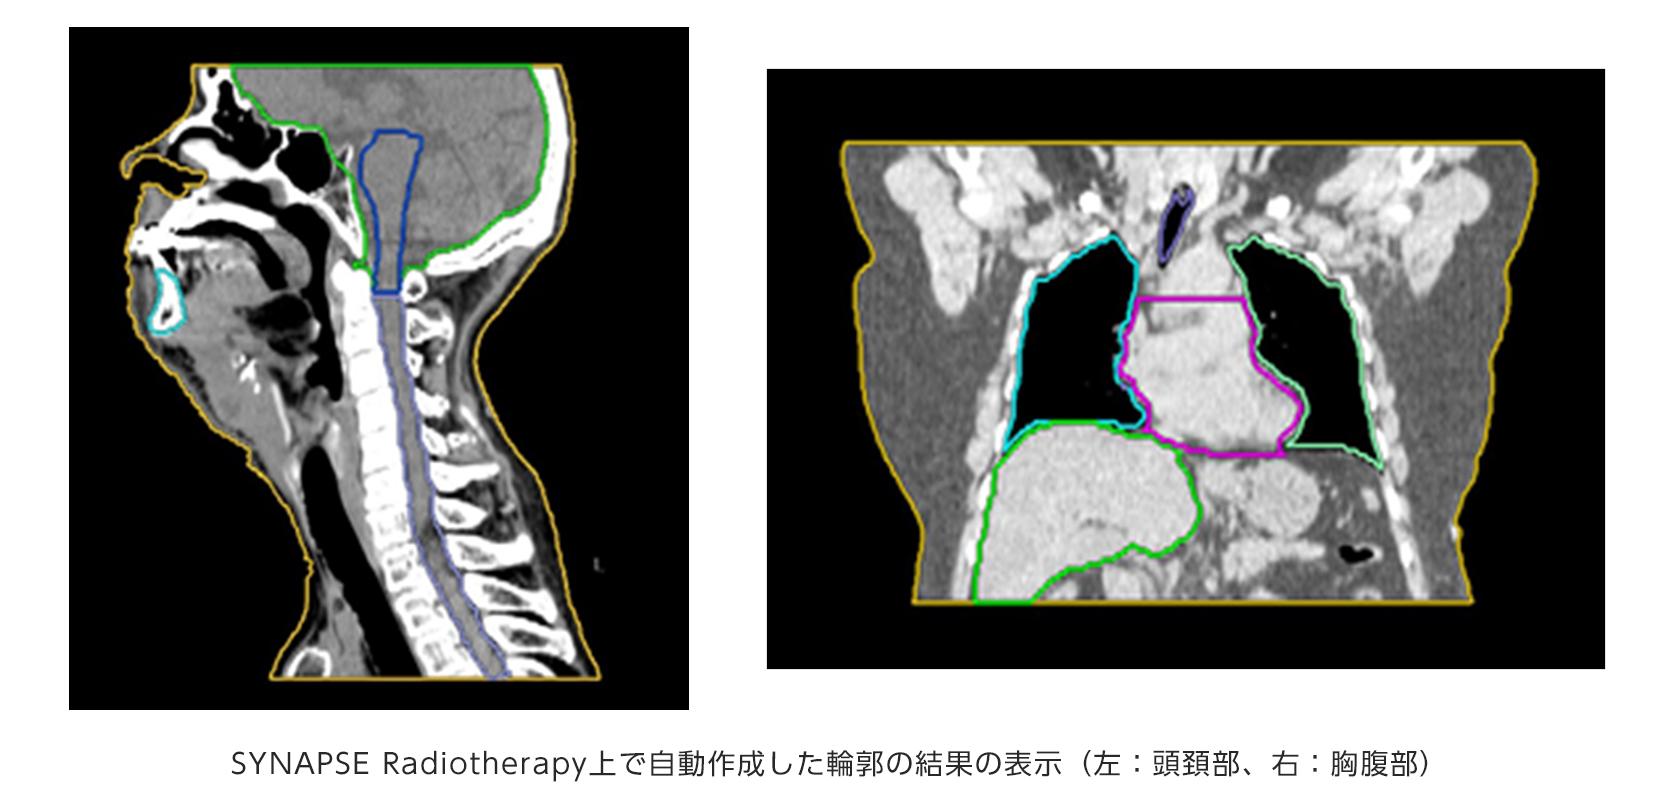 [画像]SYNAPSE Radiotherapy上で自動作成した輪郭の結果の表示(左:頭頚部、右:胸腹部)